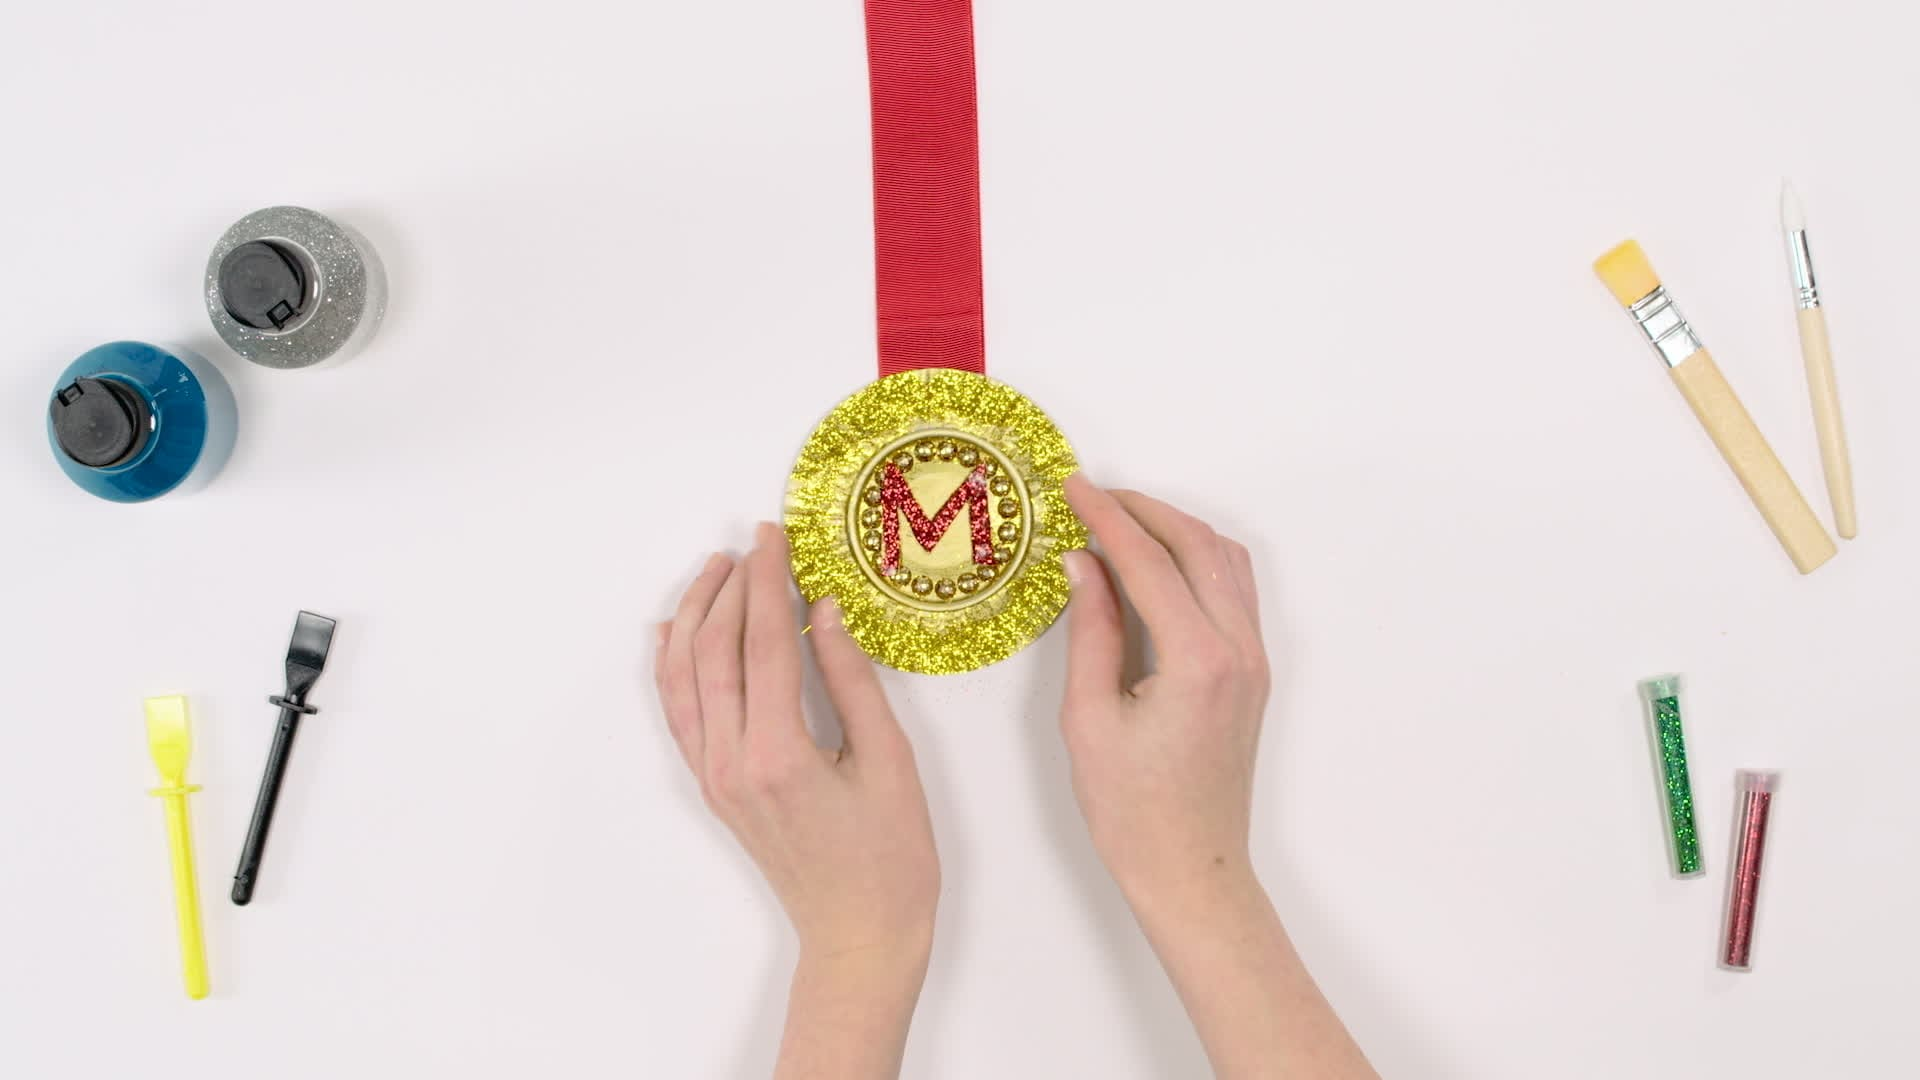 Lag en Mikke racer-medalje